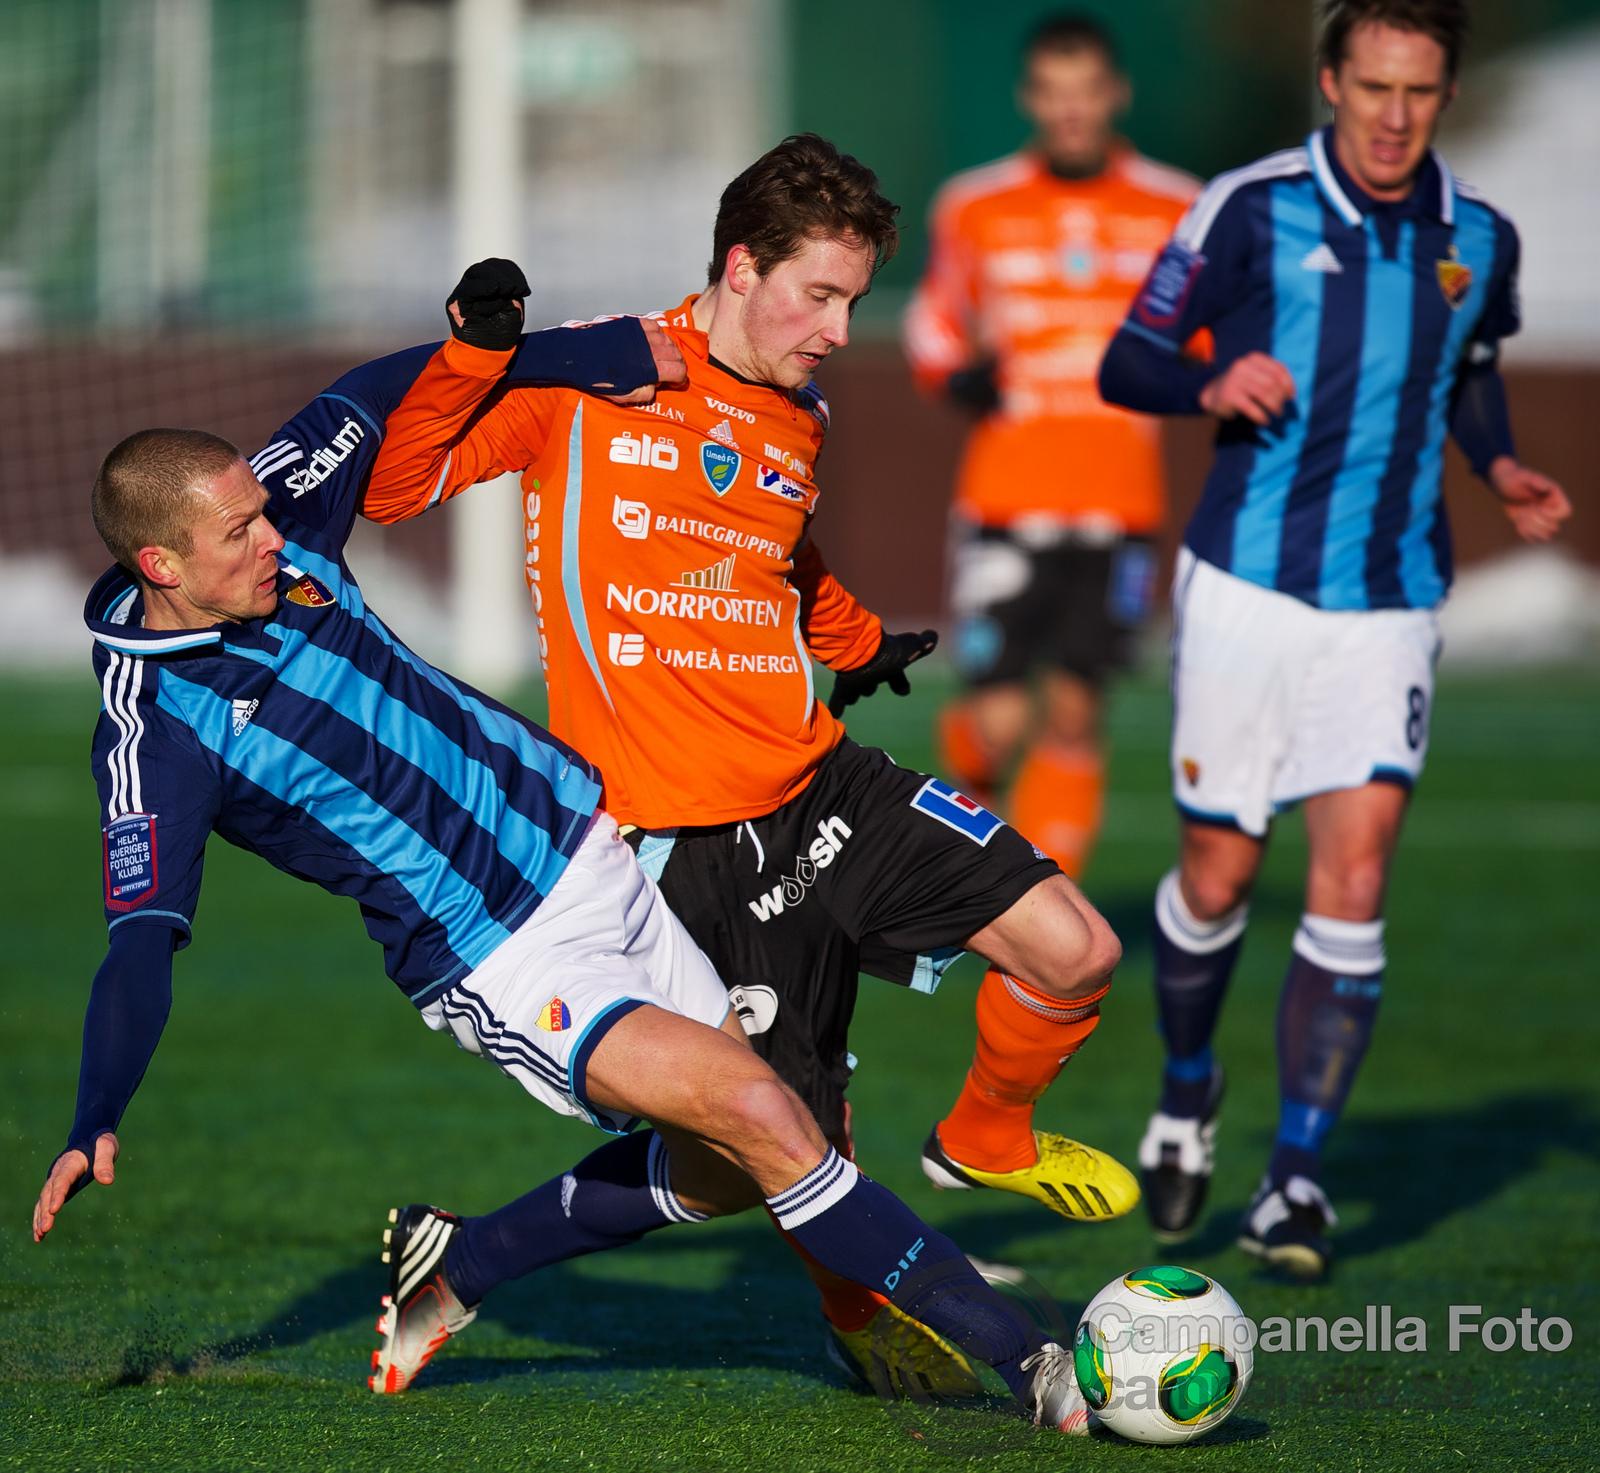 Djurgårdens IF Vs Umeå FC - 2013-03-03 - 3 of 8